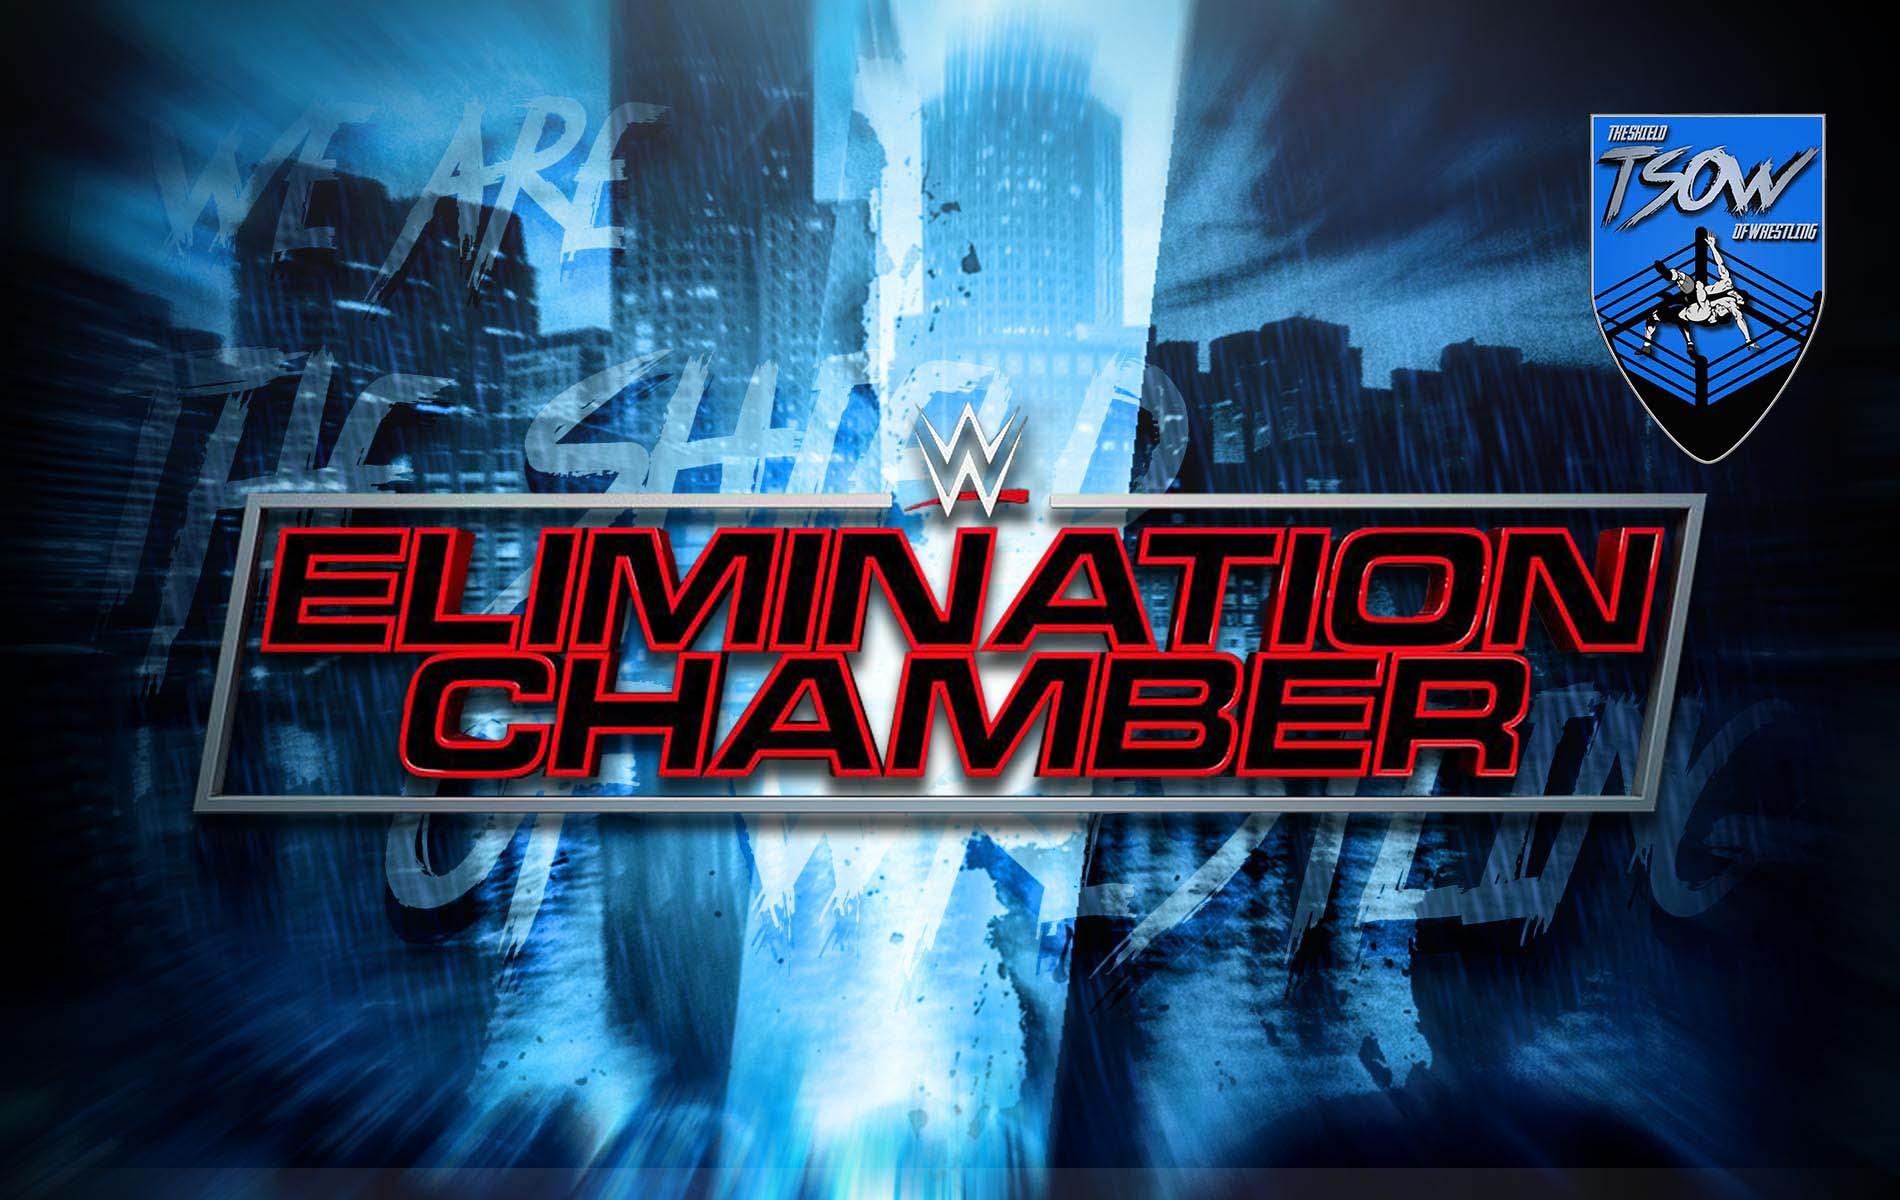 WWE Elimination Chamber 2021 orario, streaming e come vederlo